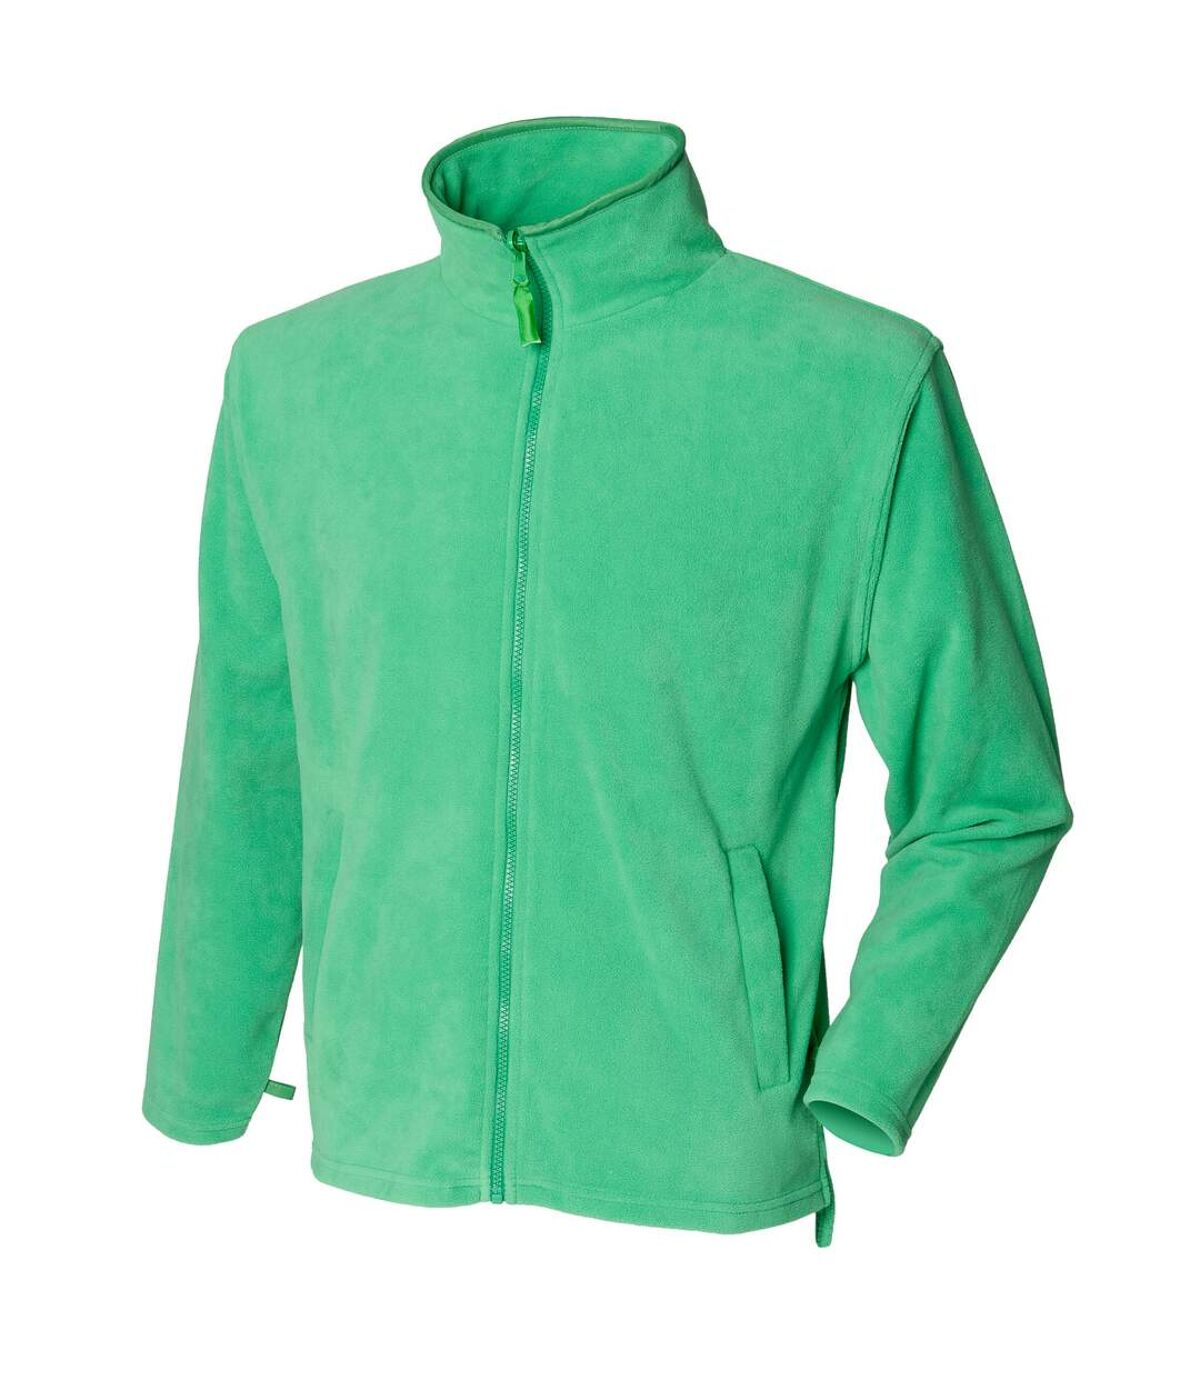 Henbury - Veste polaire - Homme (Vert tendre) - UTRW678